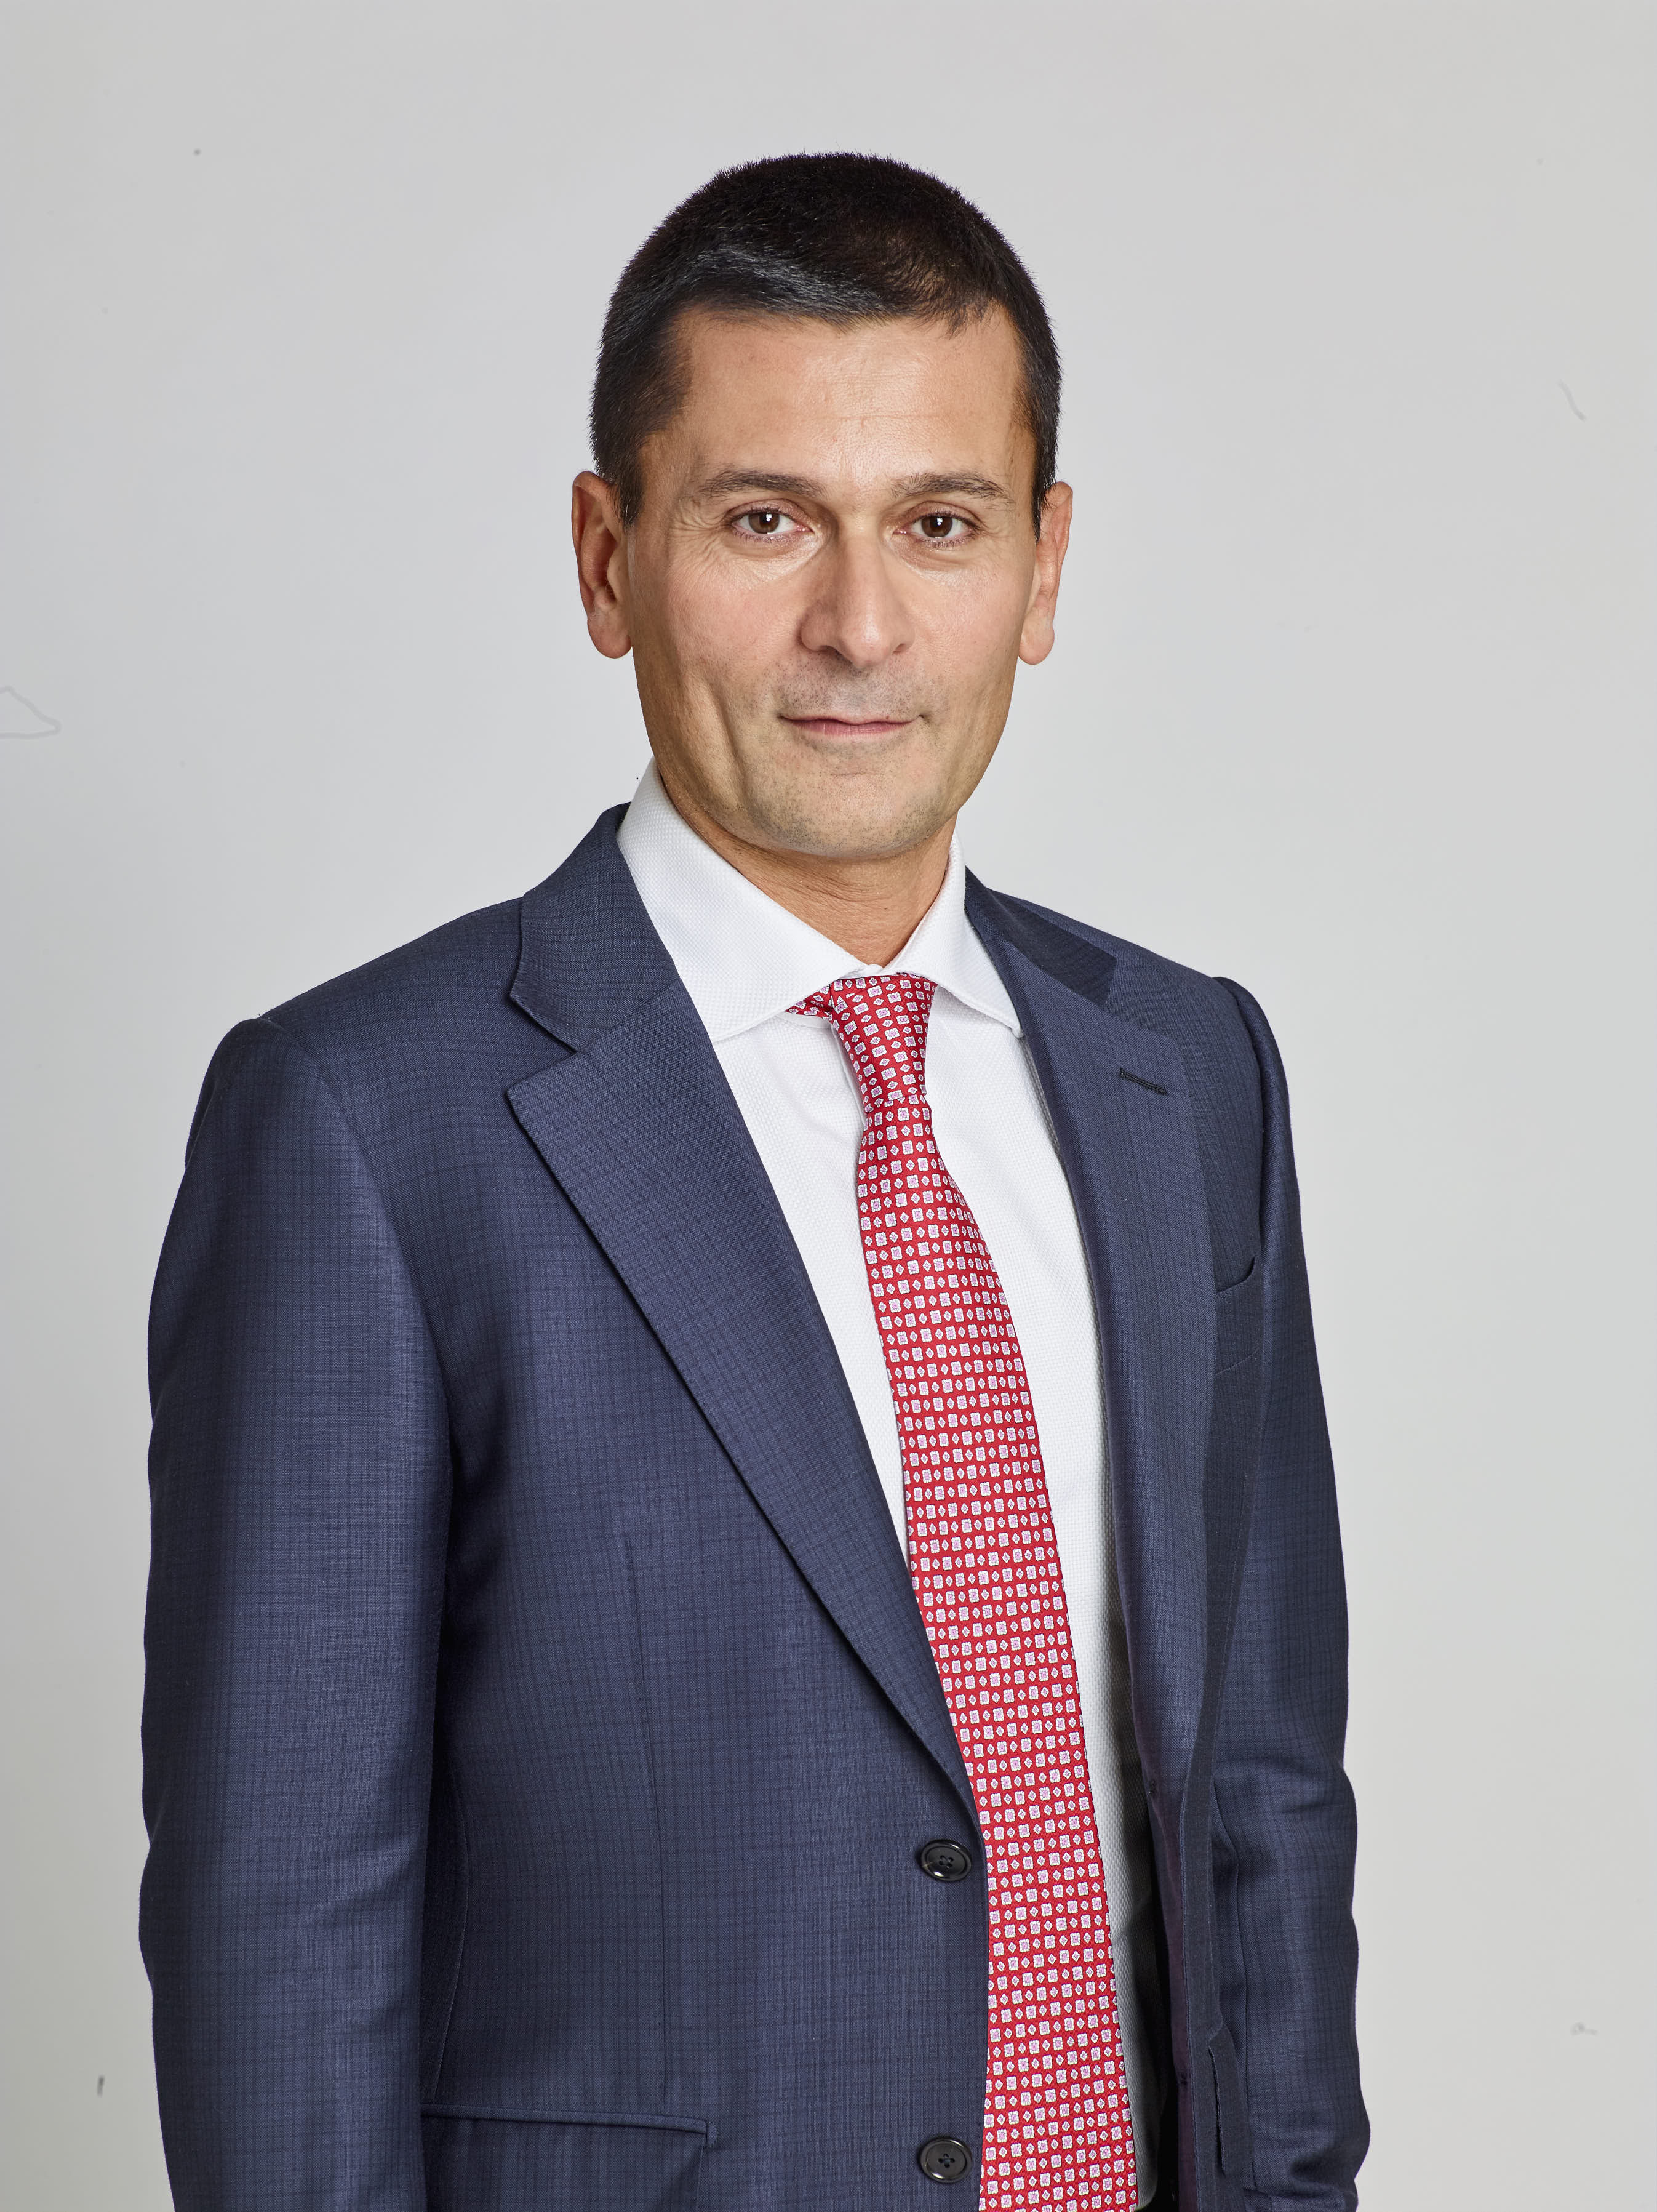 ALBERTO VACCA - Bancassicurazione